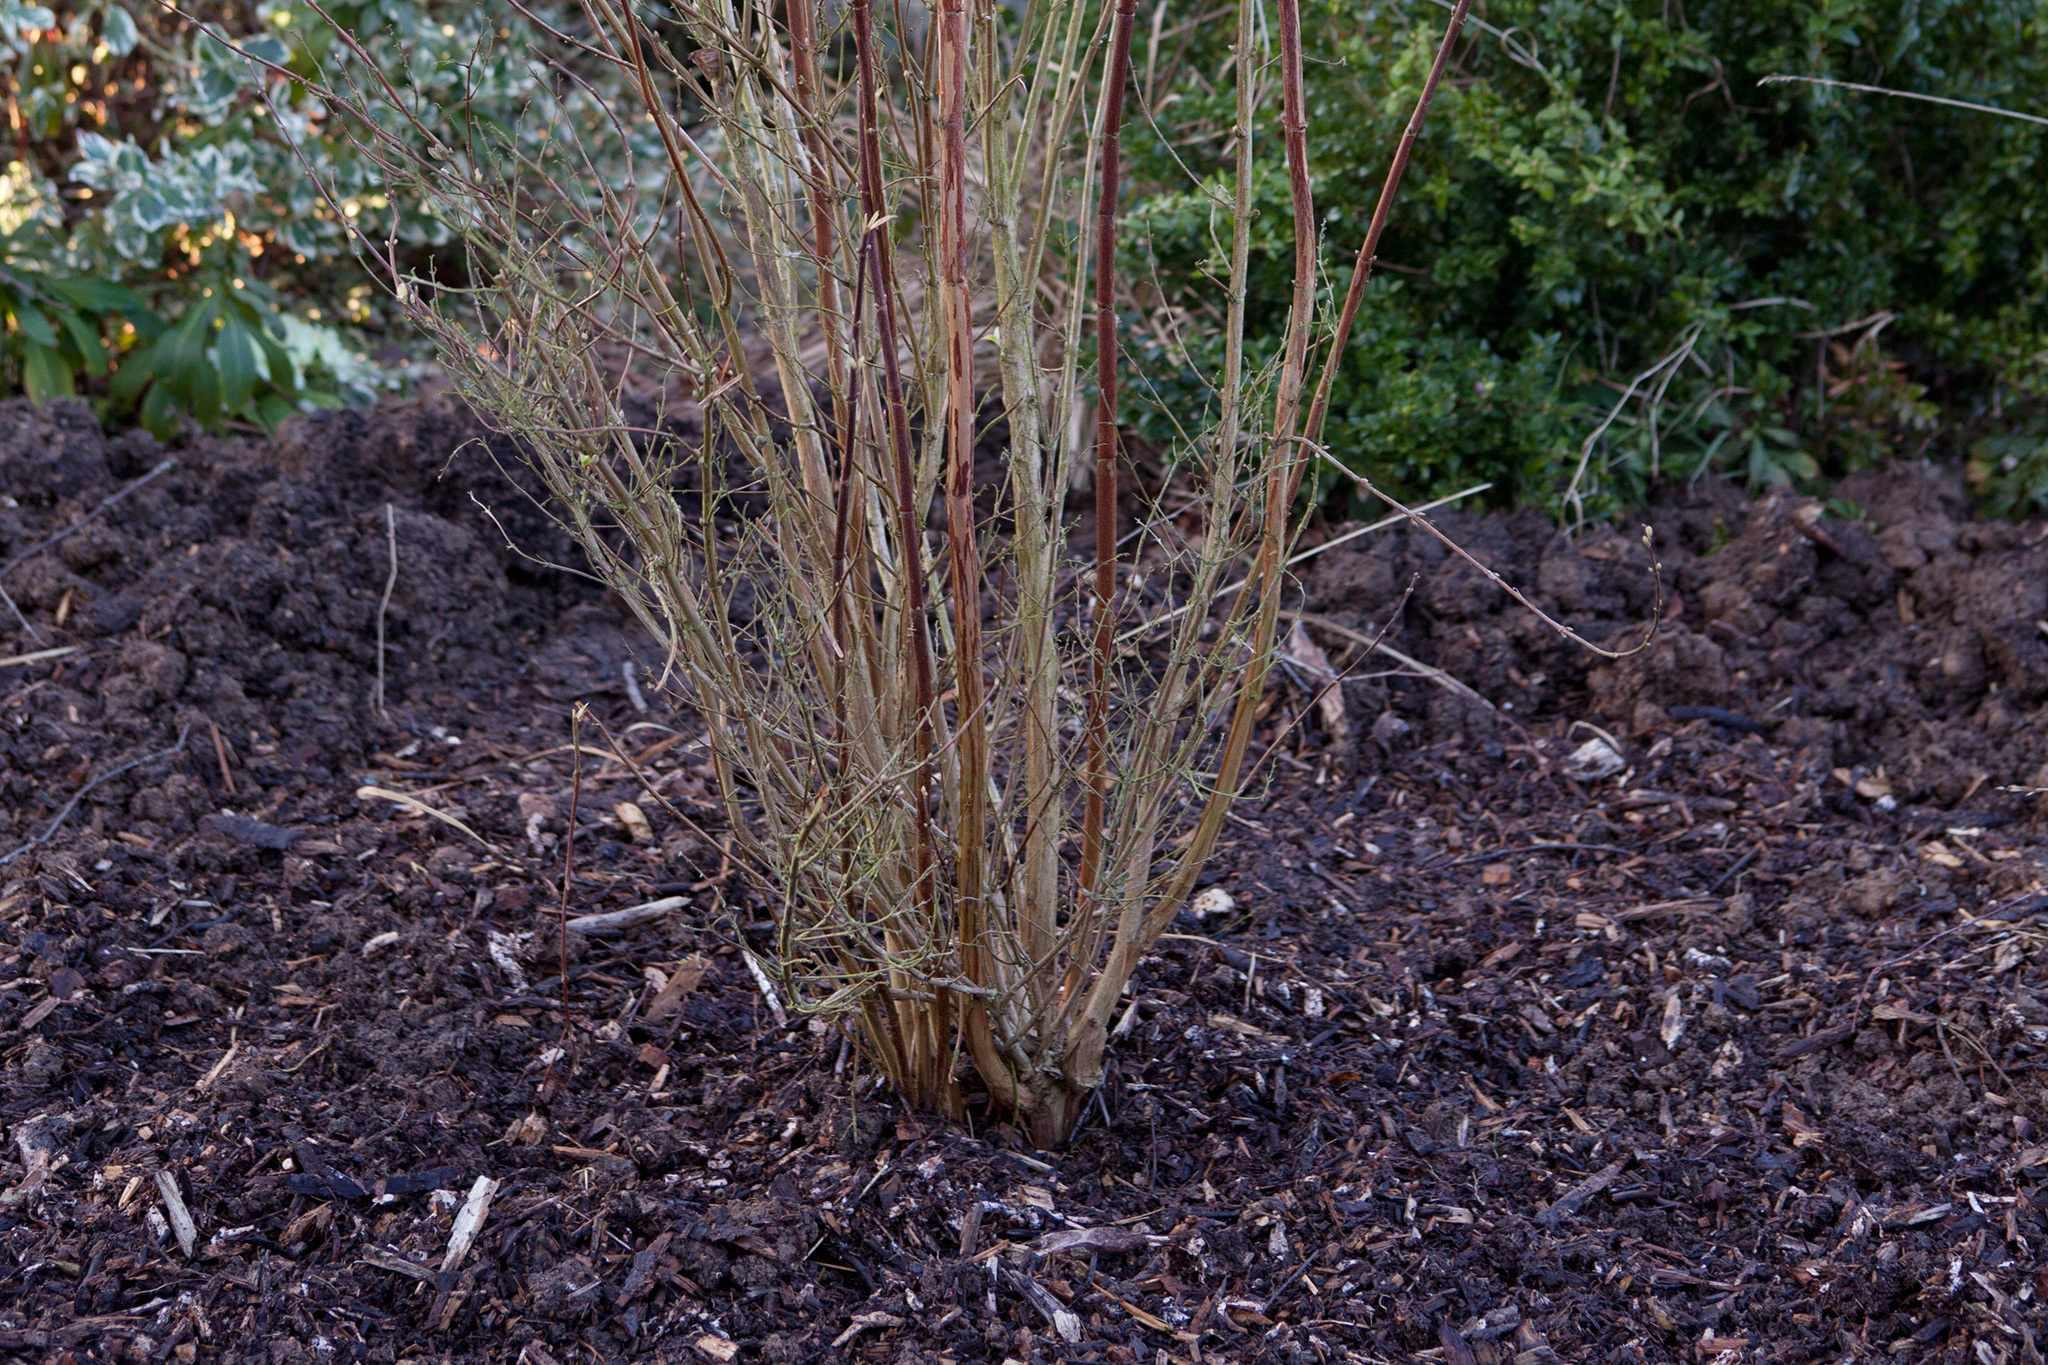 Newly planted shrub